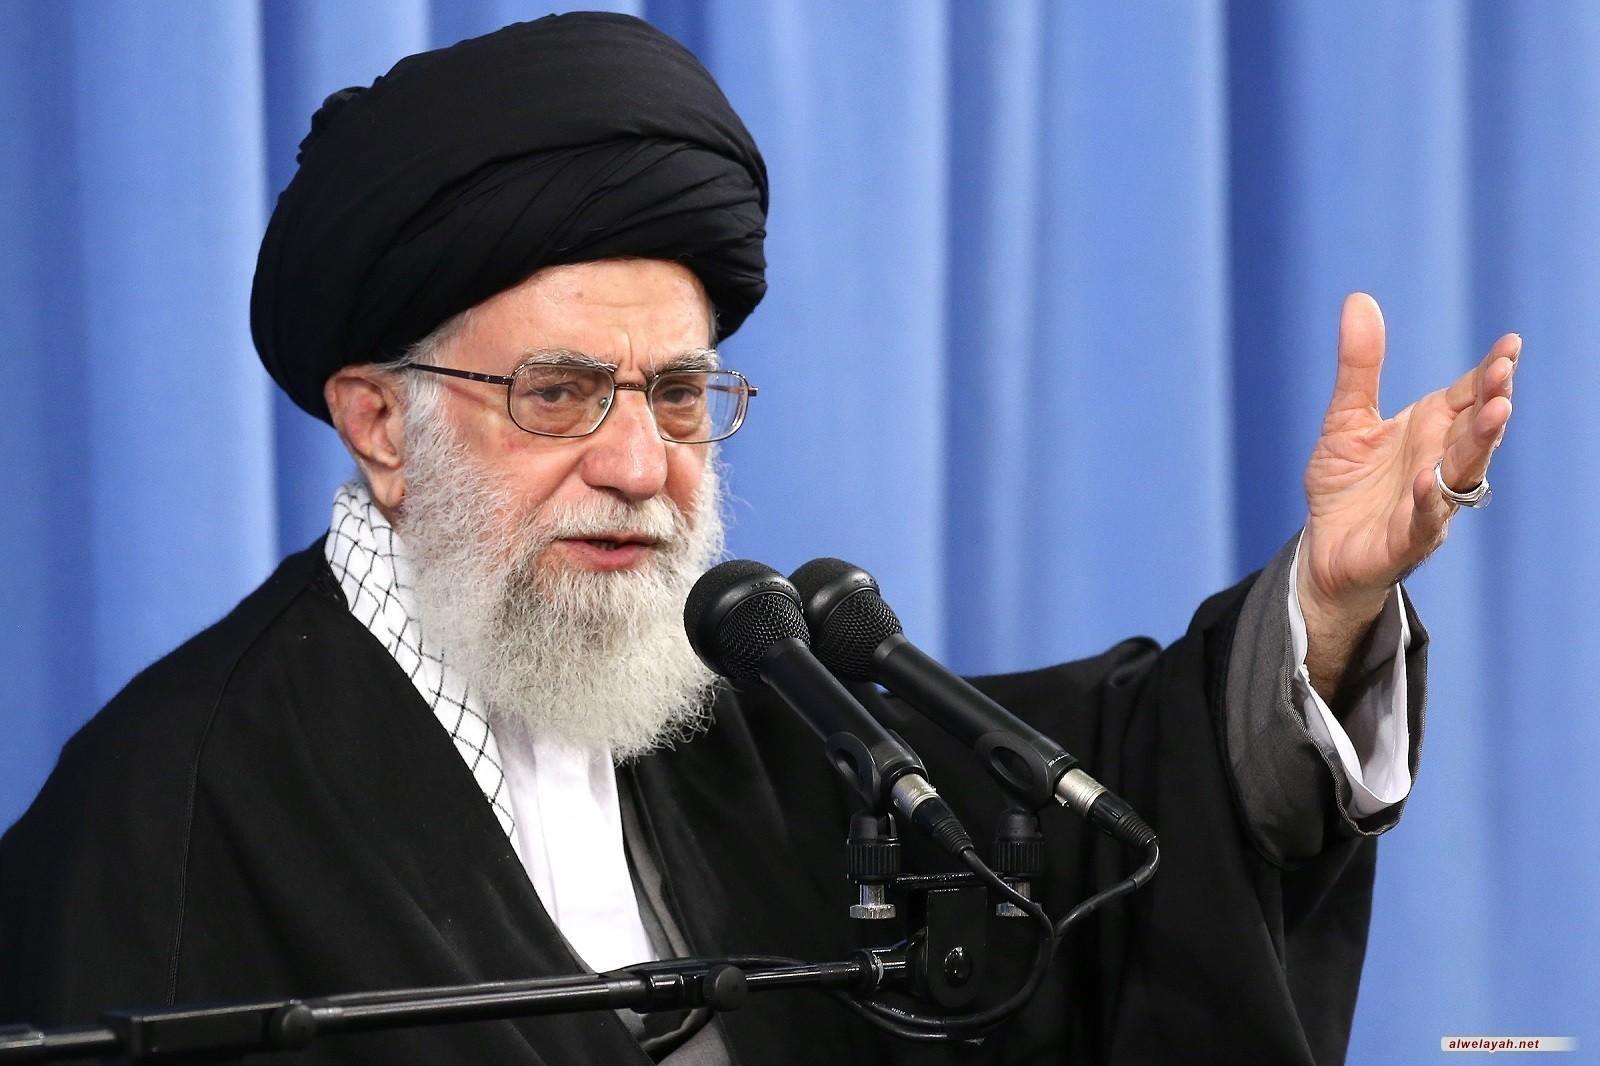 قائد الثورة الإسلامية يدين بشدة الاعتداء الأميركي على الحشد الشعبي